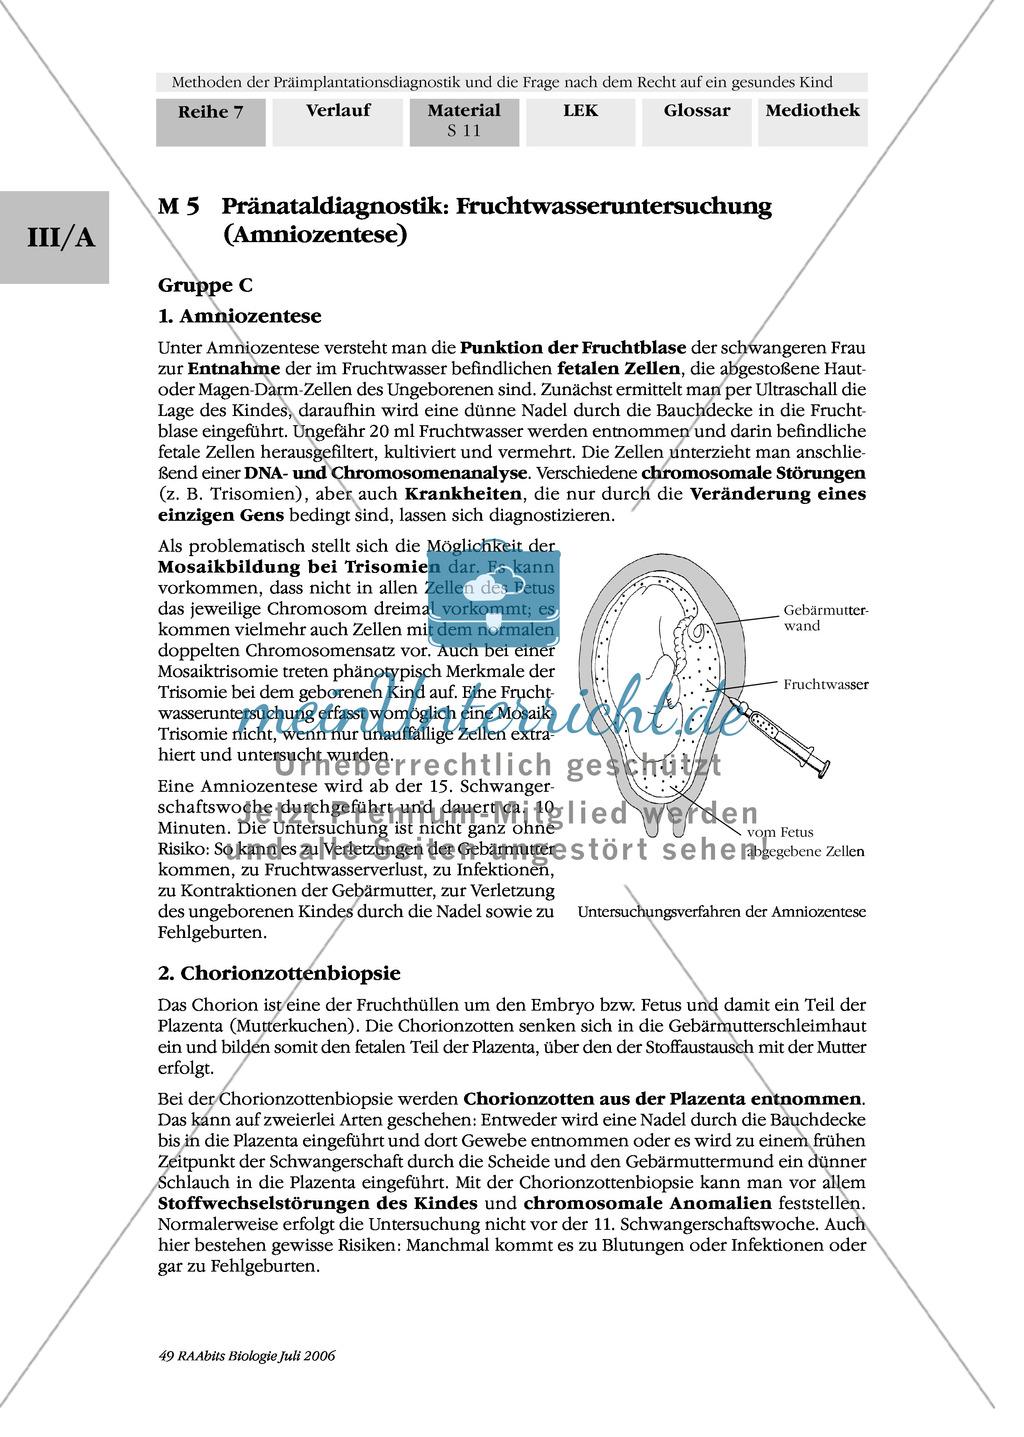 Beautiful Kontraktionen Arbeitsblatt Für Die Erste Klasse Pictures ...